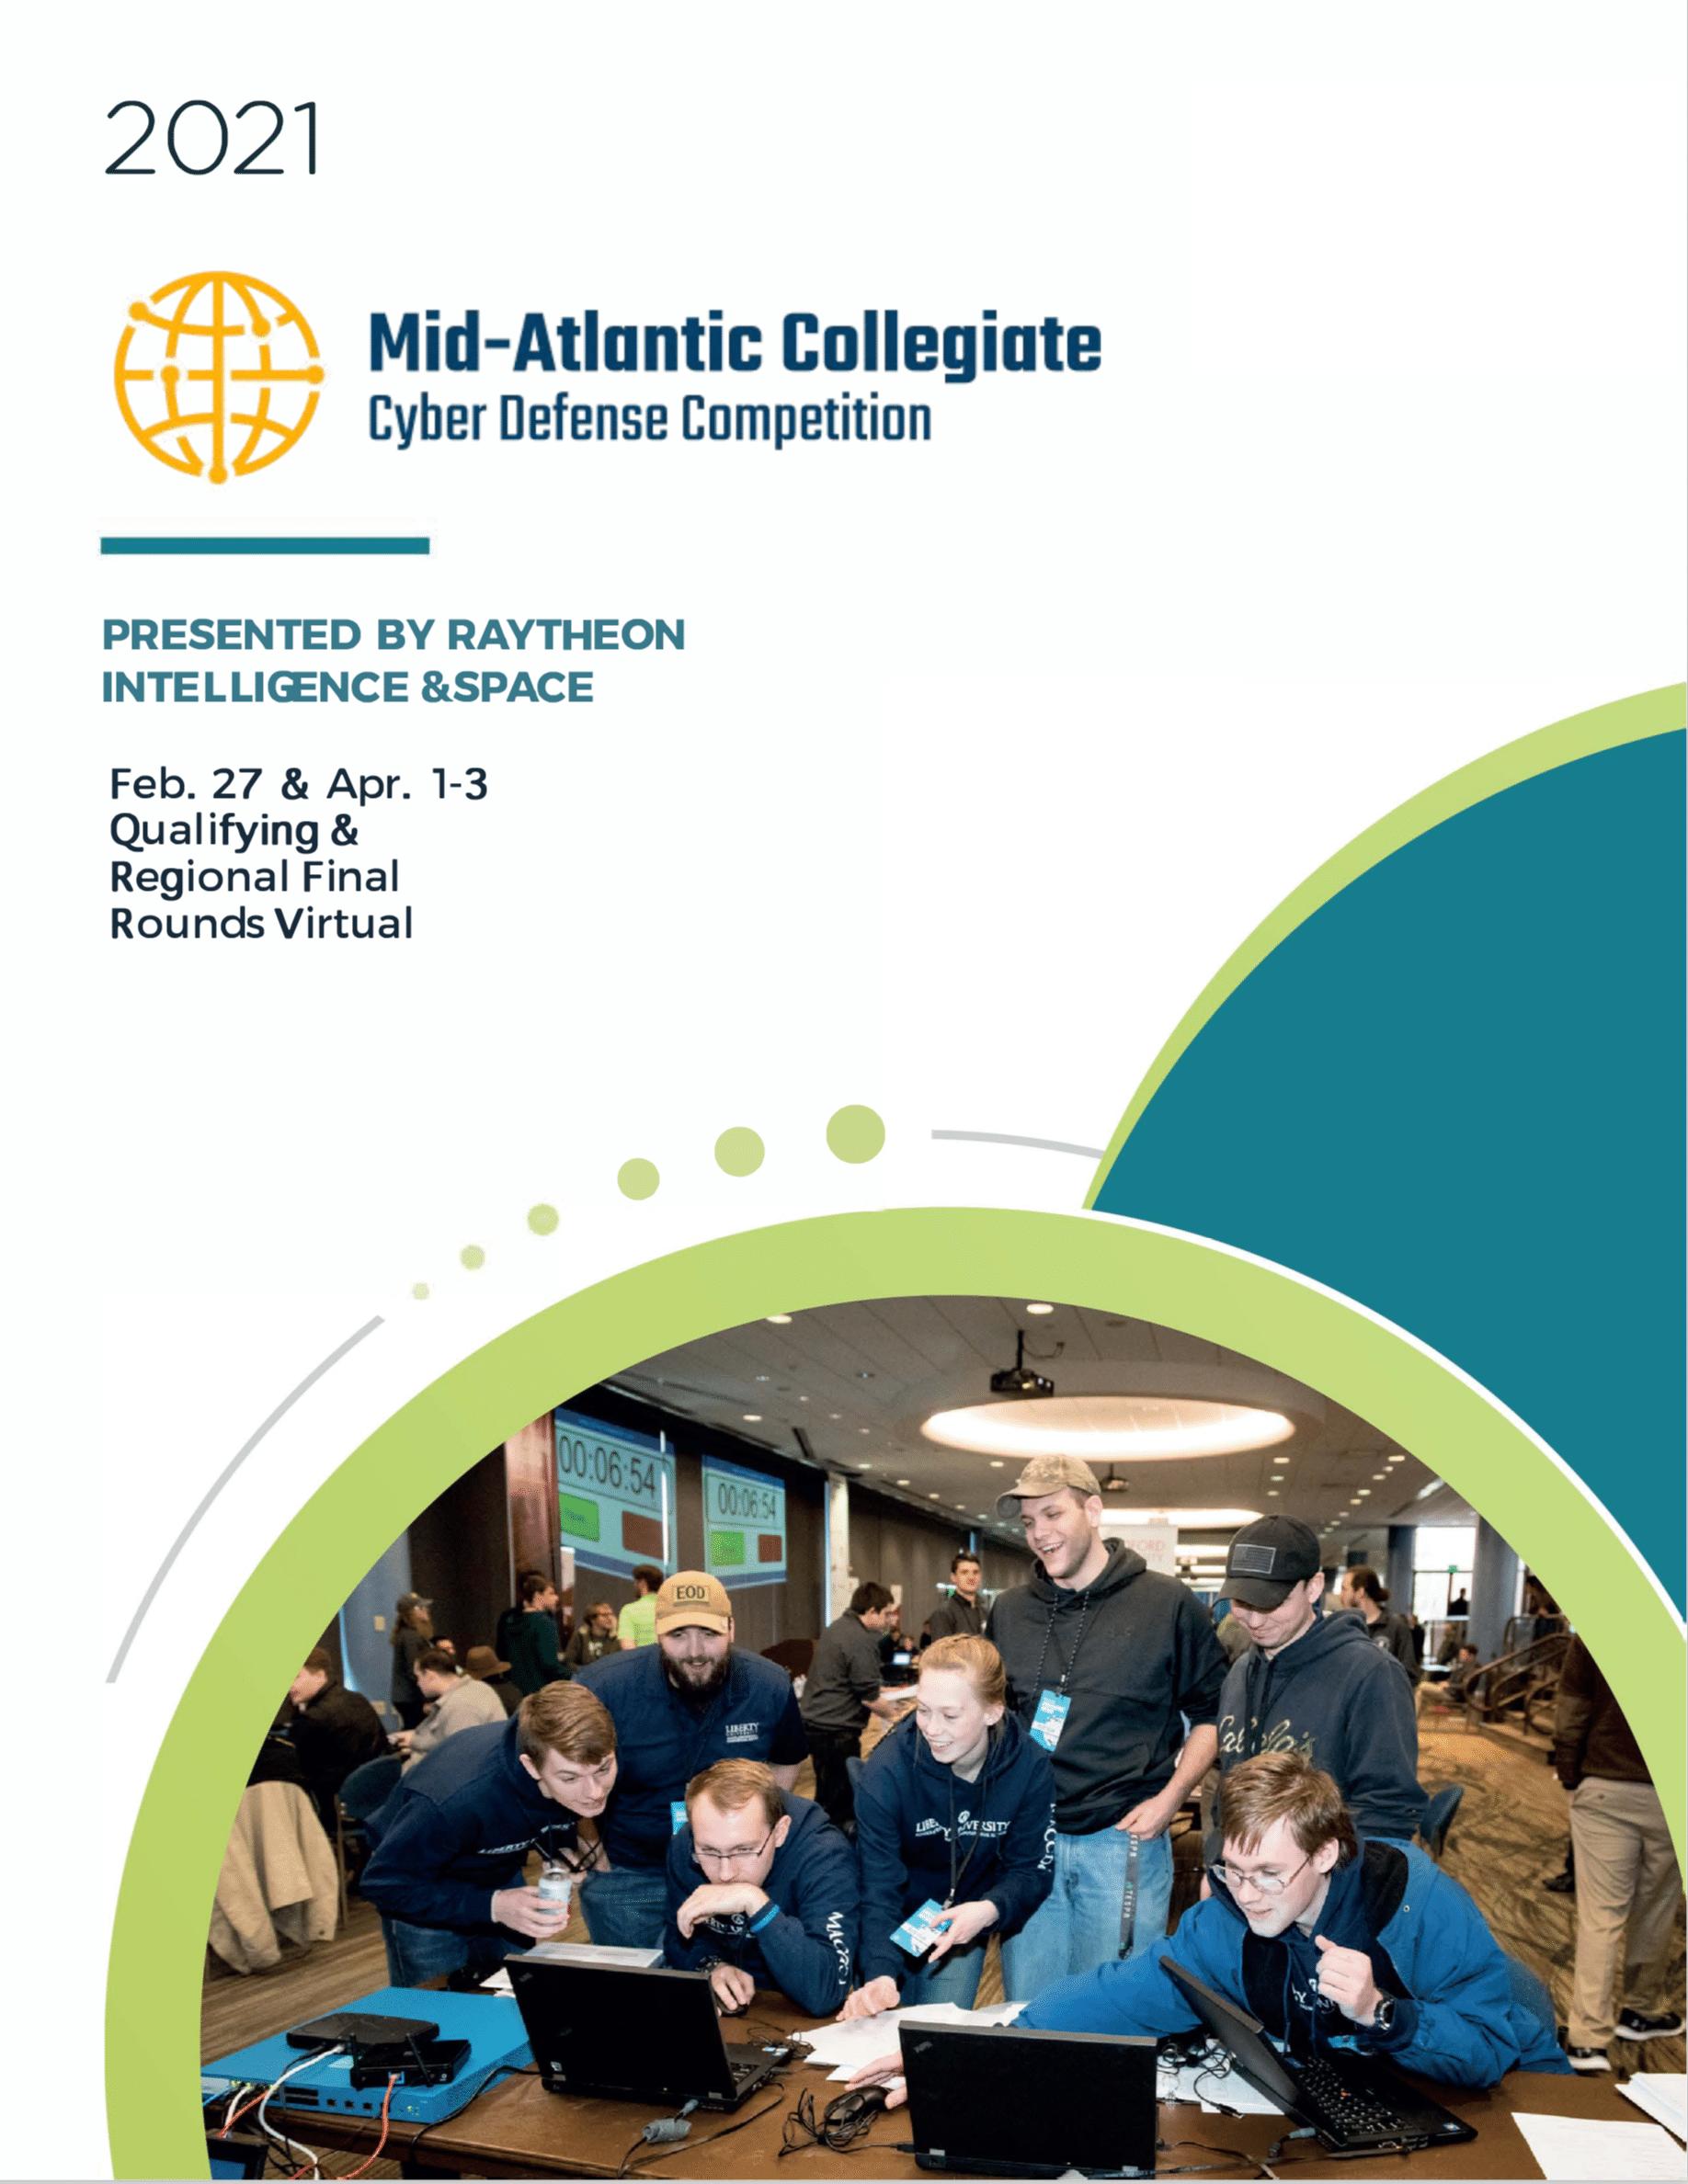 2021 MACCDC Sponsorship Brochure Cover